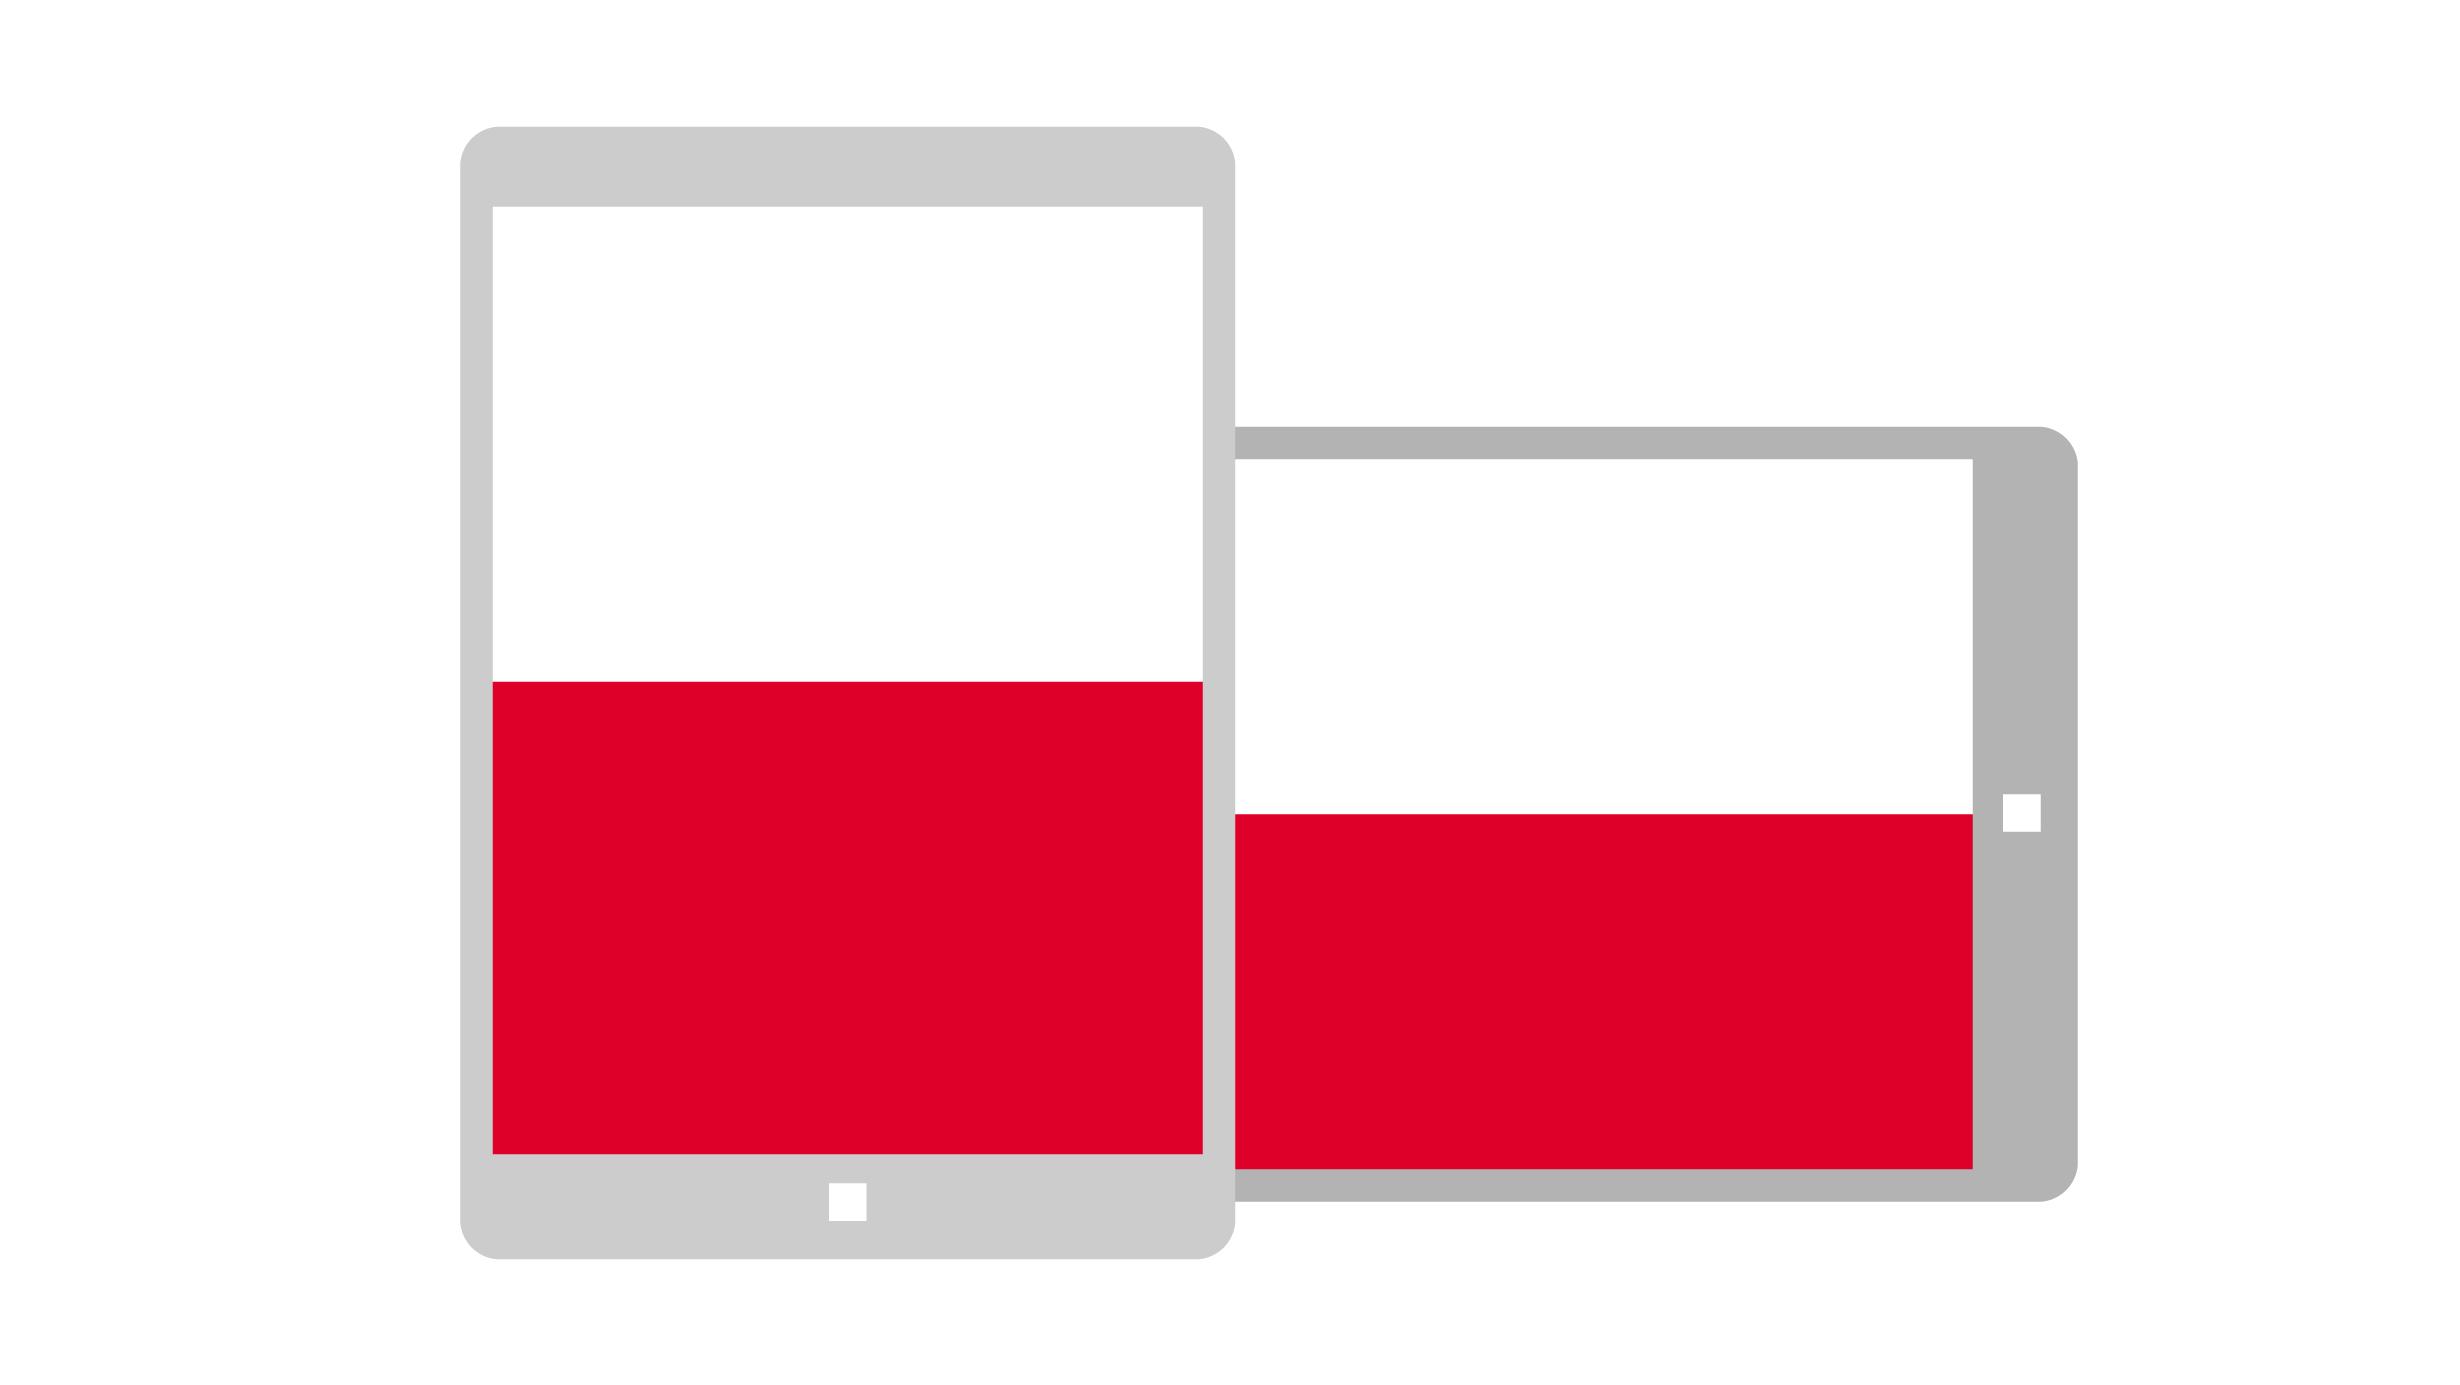 1/2 Seite (InApp) für DIE WELT Edition auf iPads